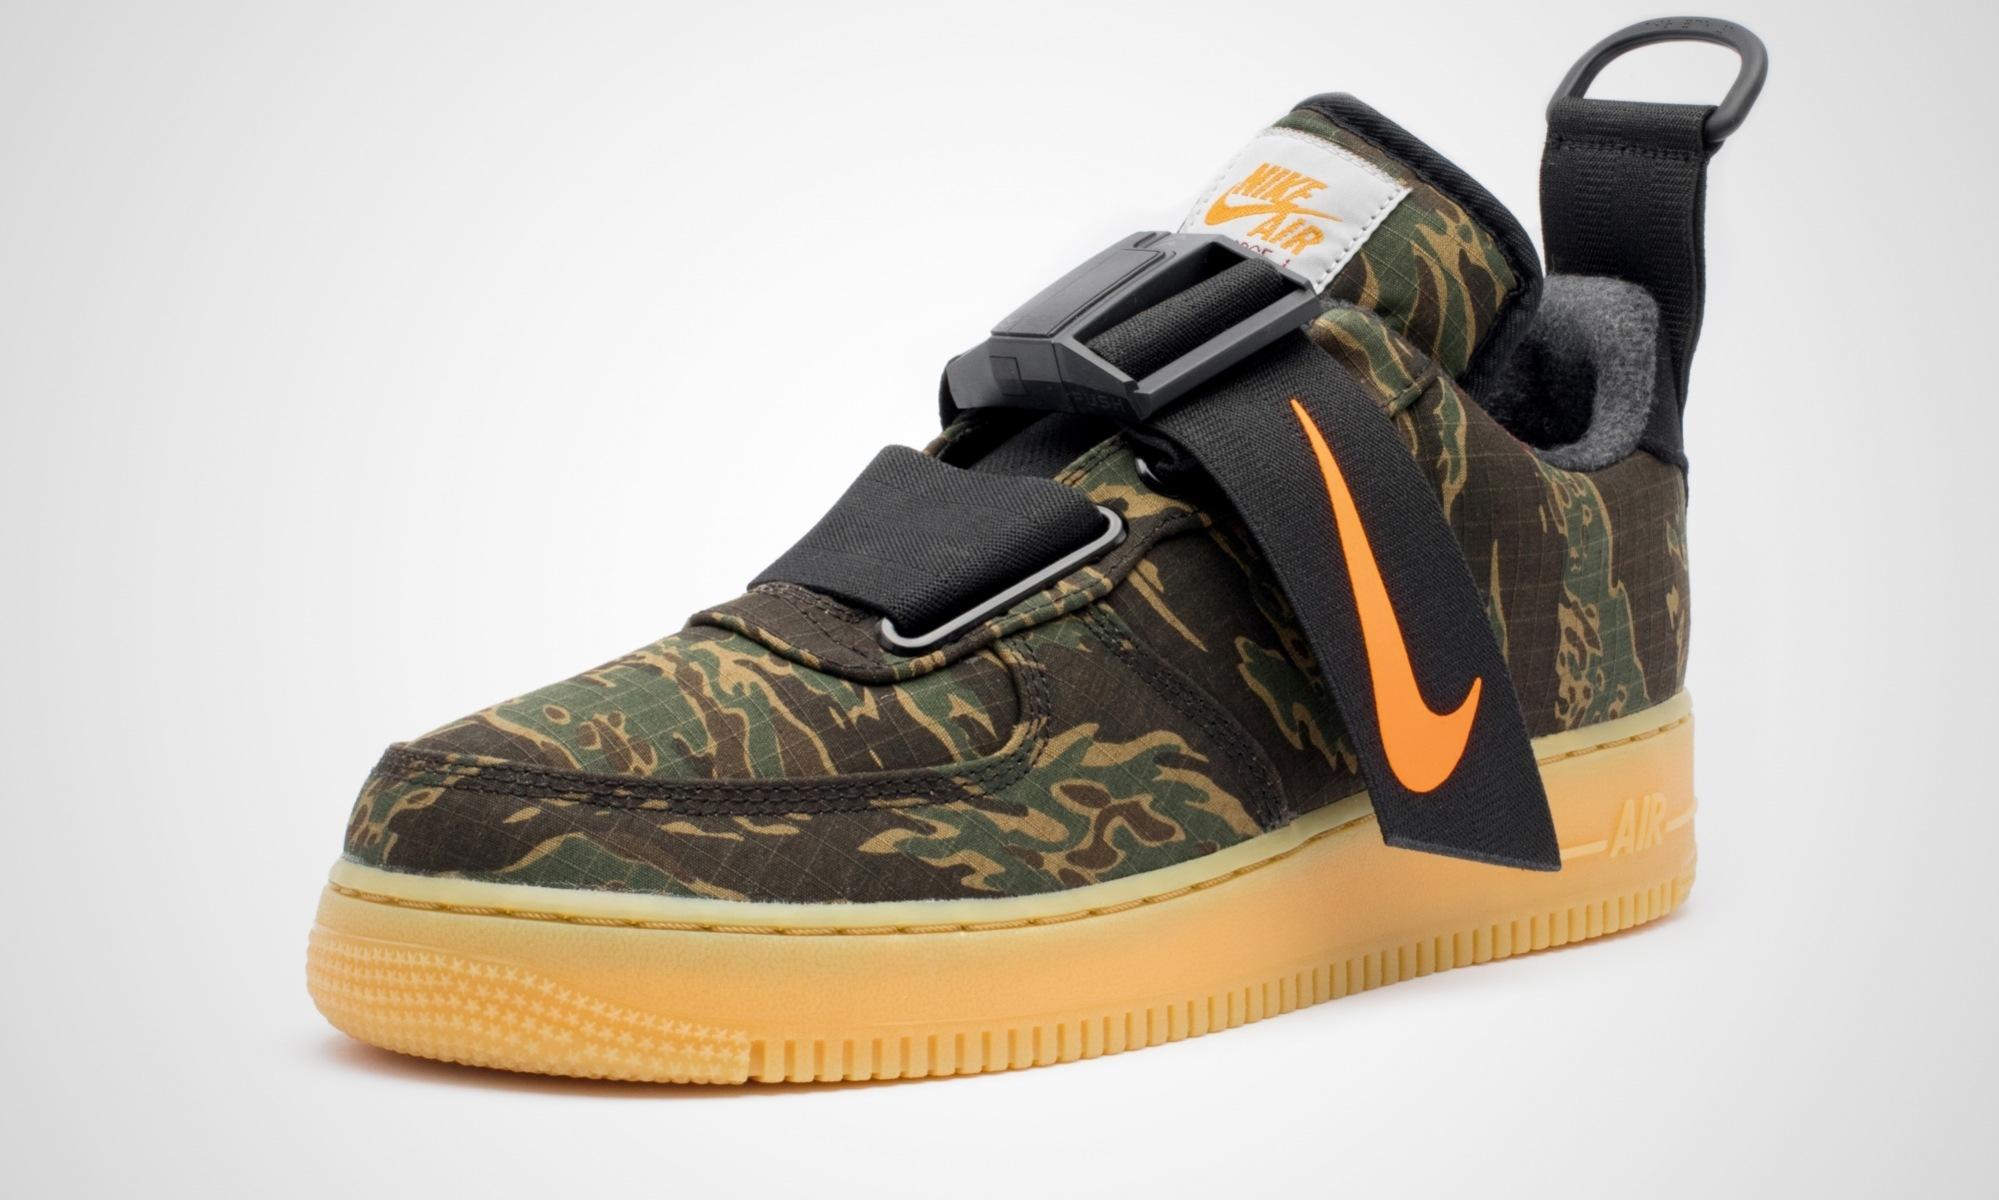 Offizieller Online store Nike Carhartt Wip Air Force 1